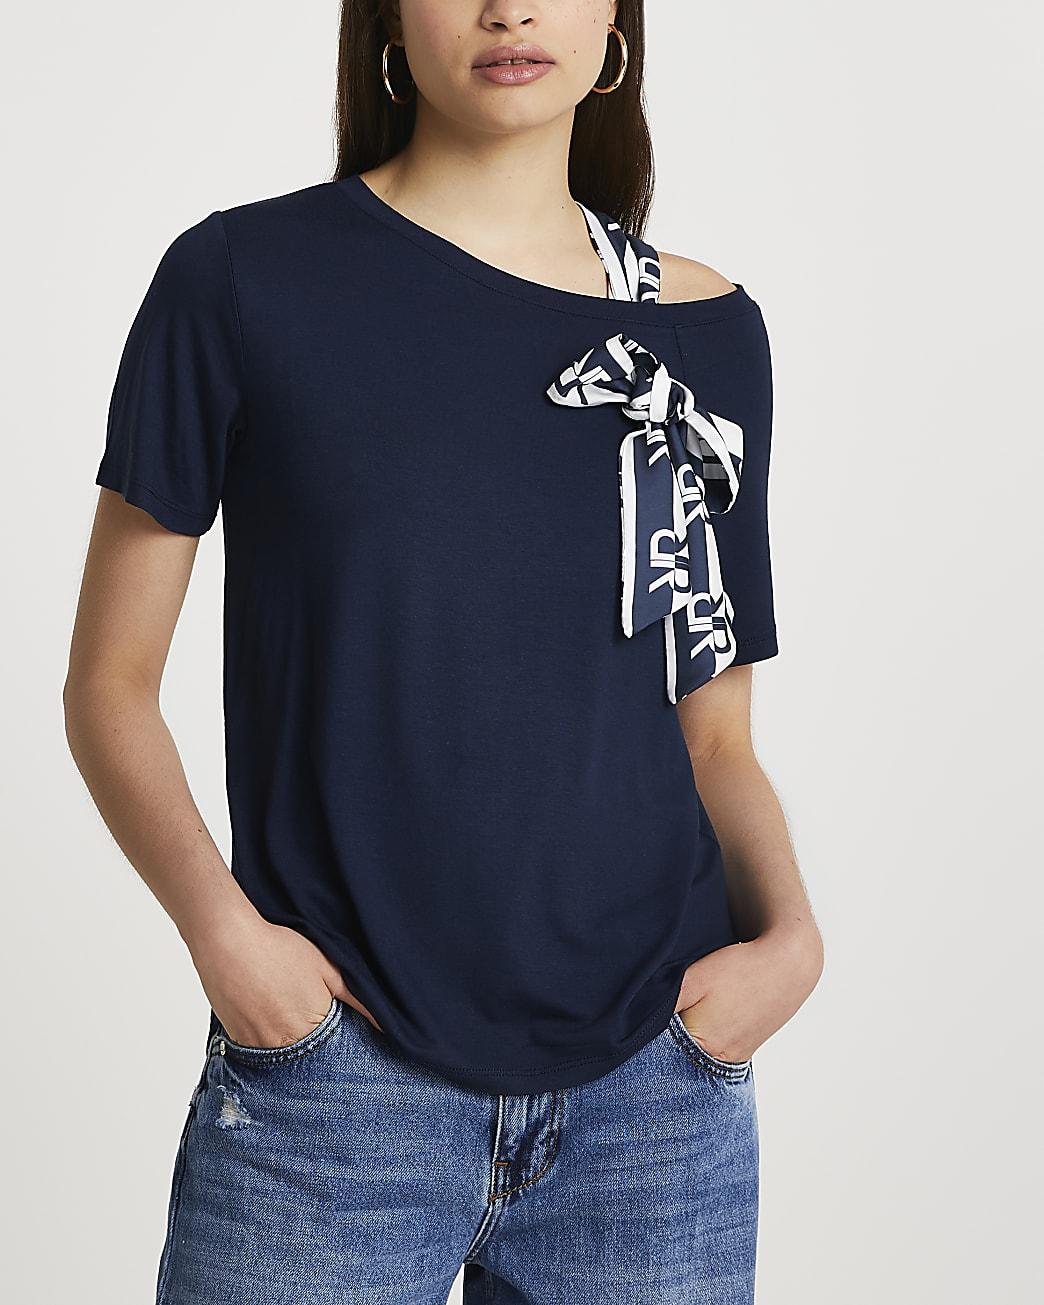 Navy tie shoulder t-shirt